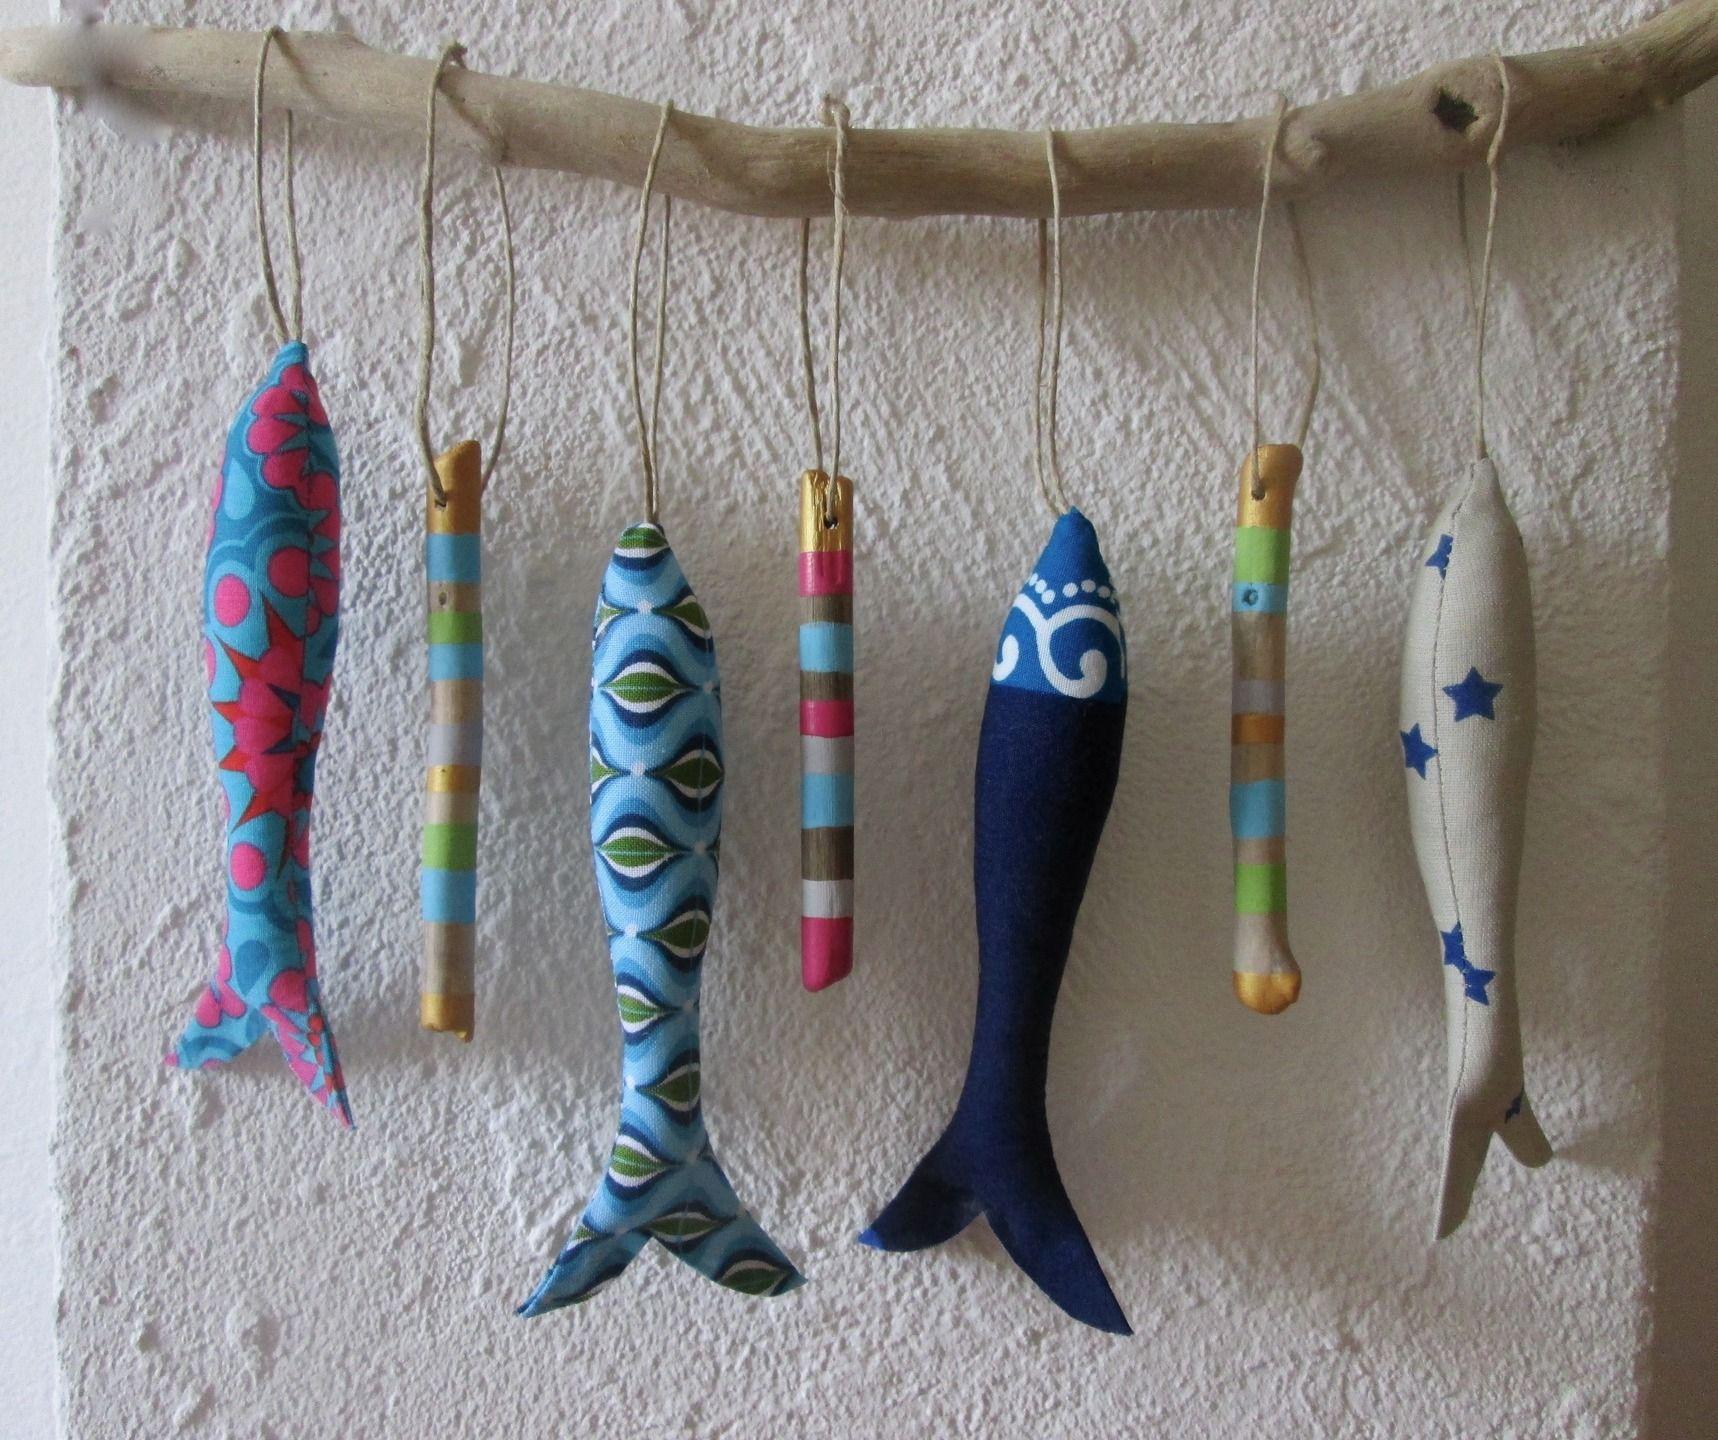 petits poissons tissus et bois flott s peints sur branche. Black Bedroom Furniture Sets. Home Design Ideas